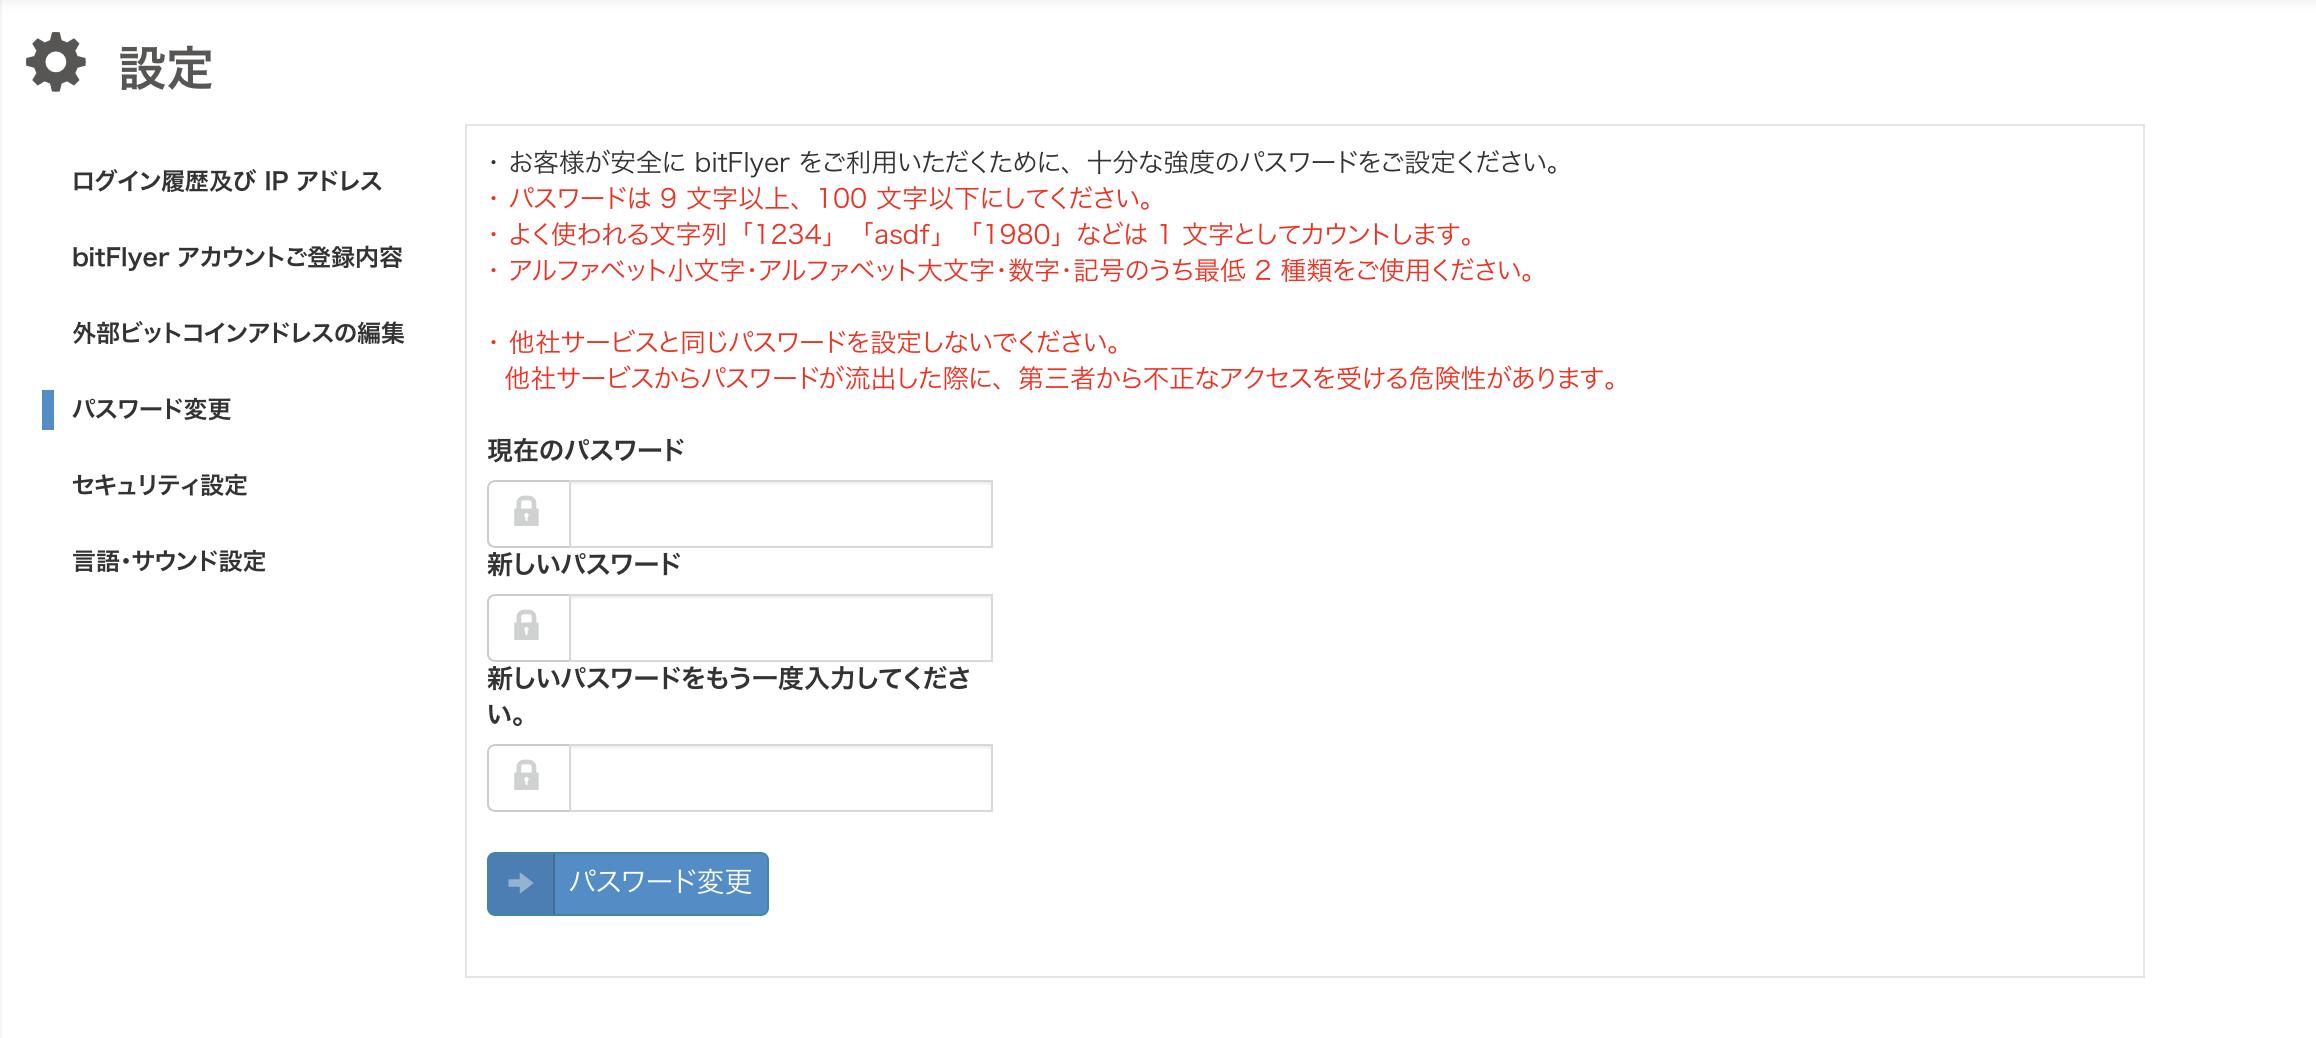 パスワード変更の画面